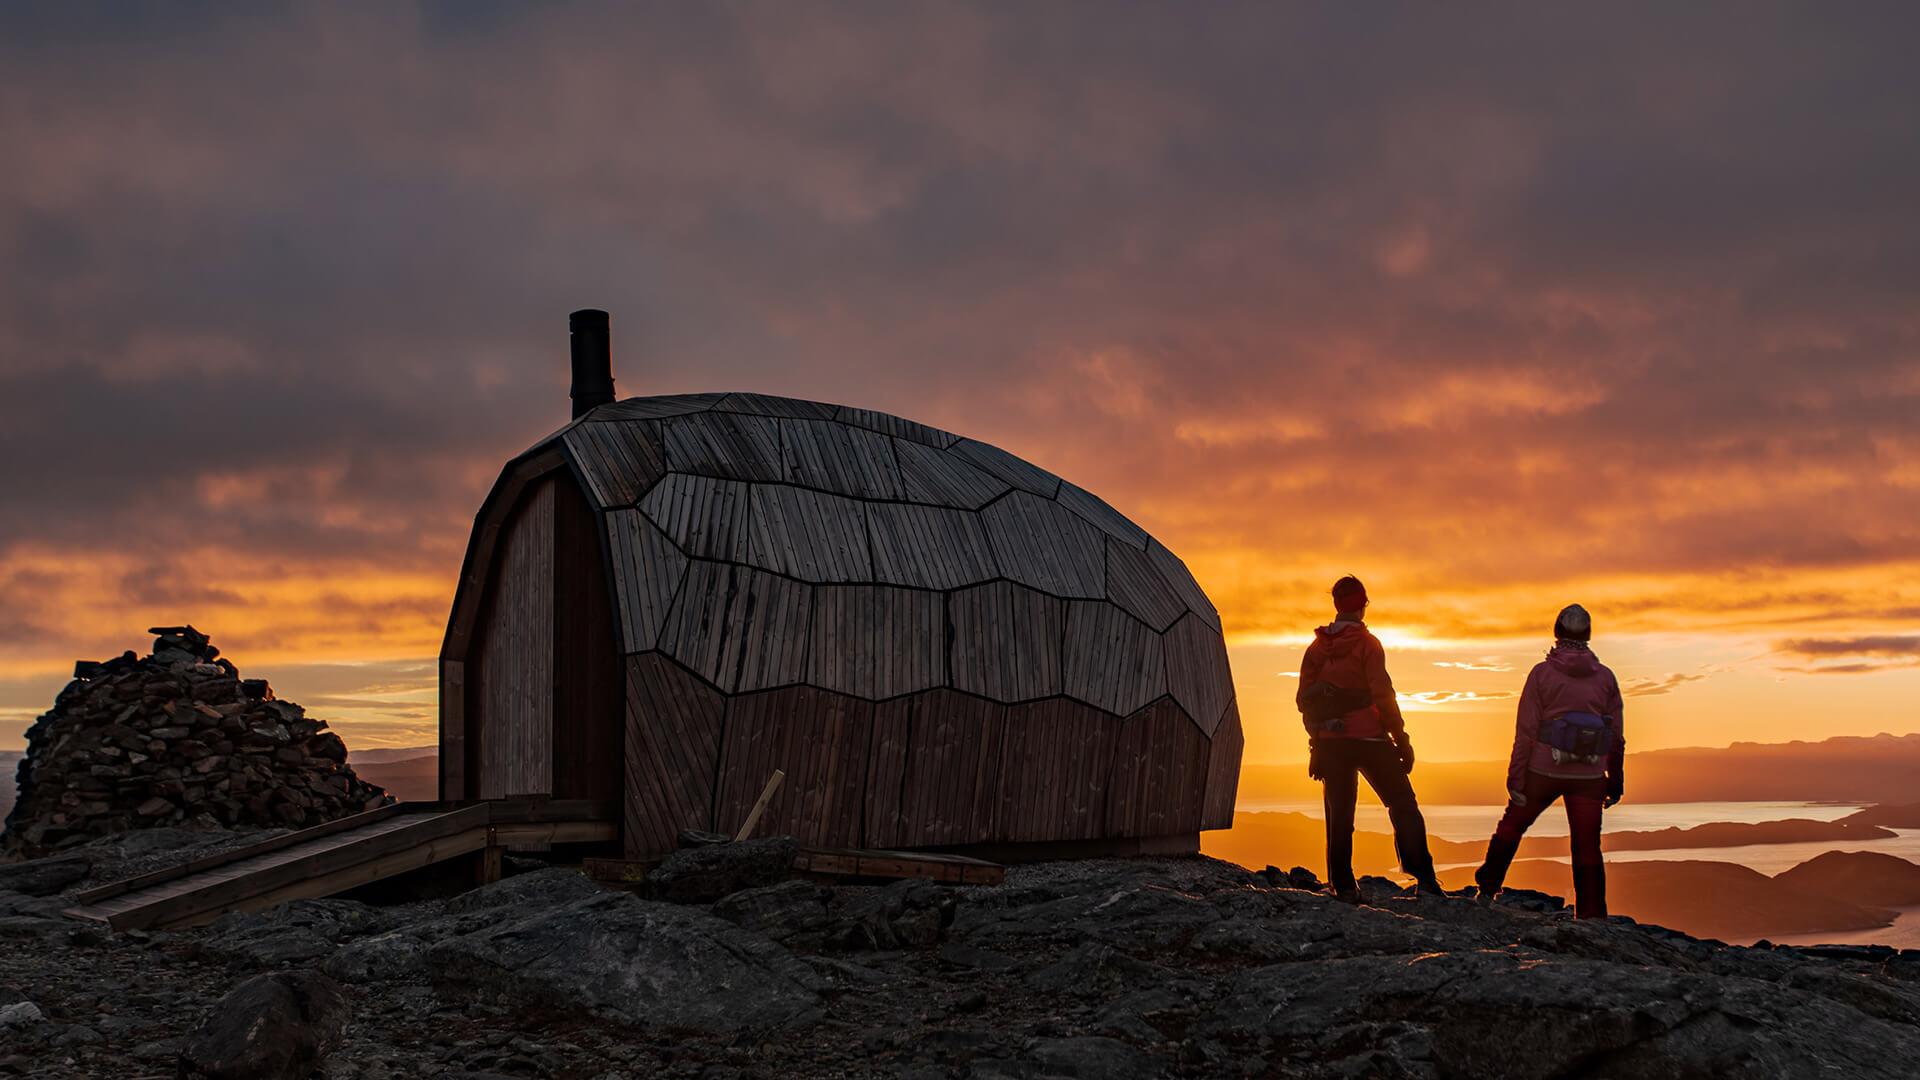 Günbatımında ayakta duran iki kişi ile birlikte ahşap kabin